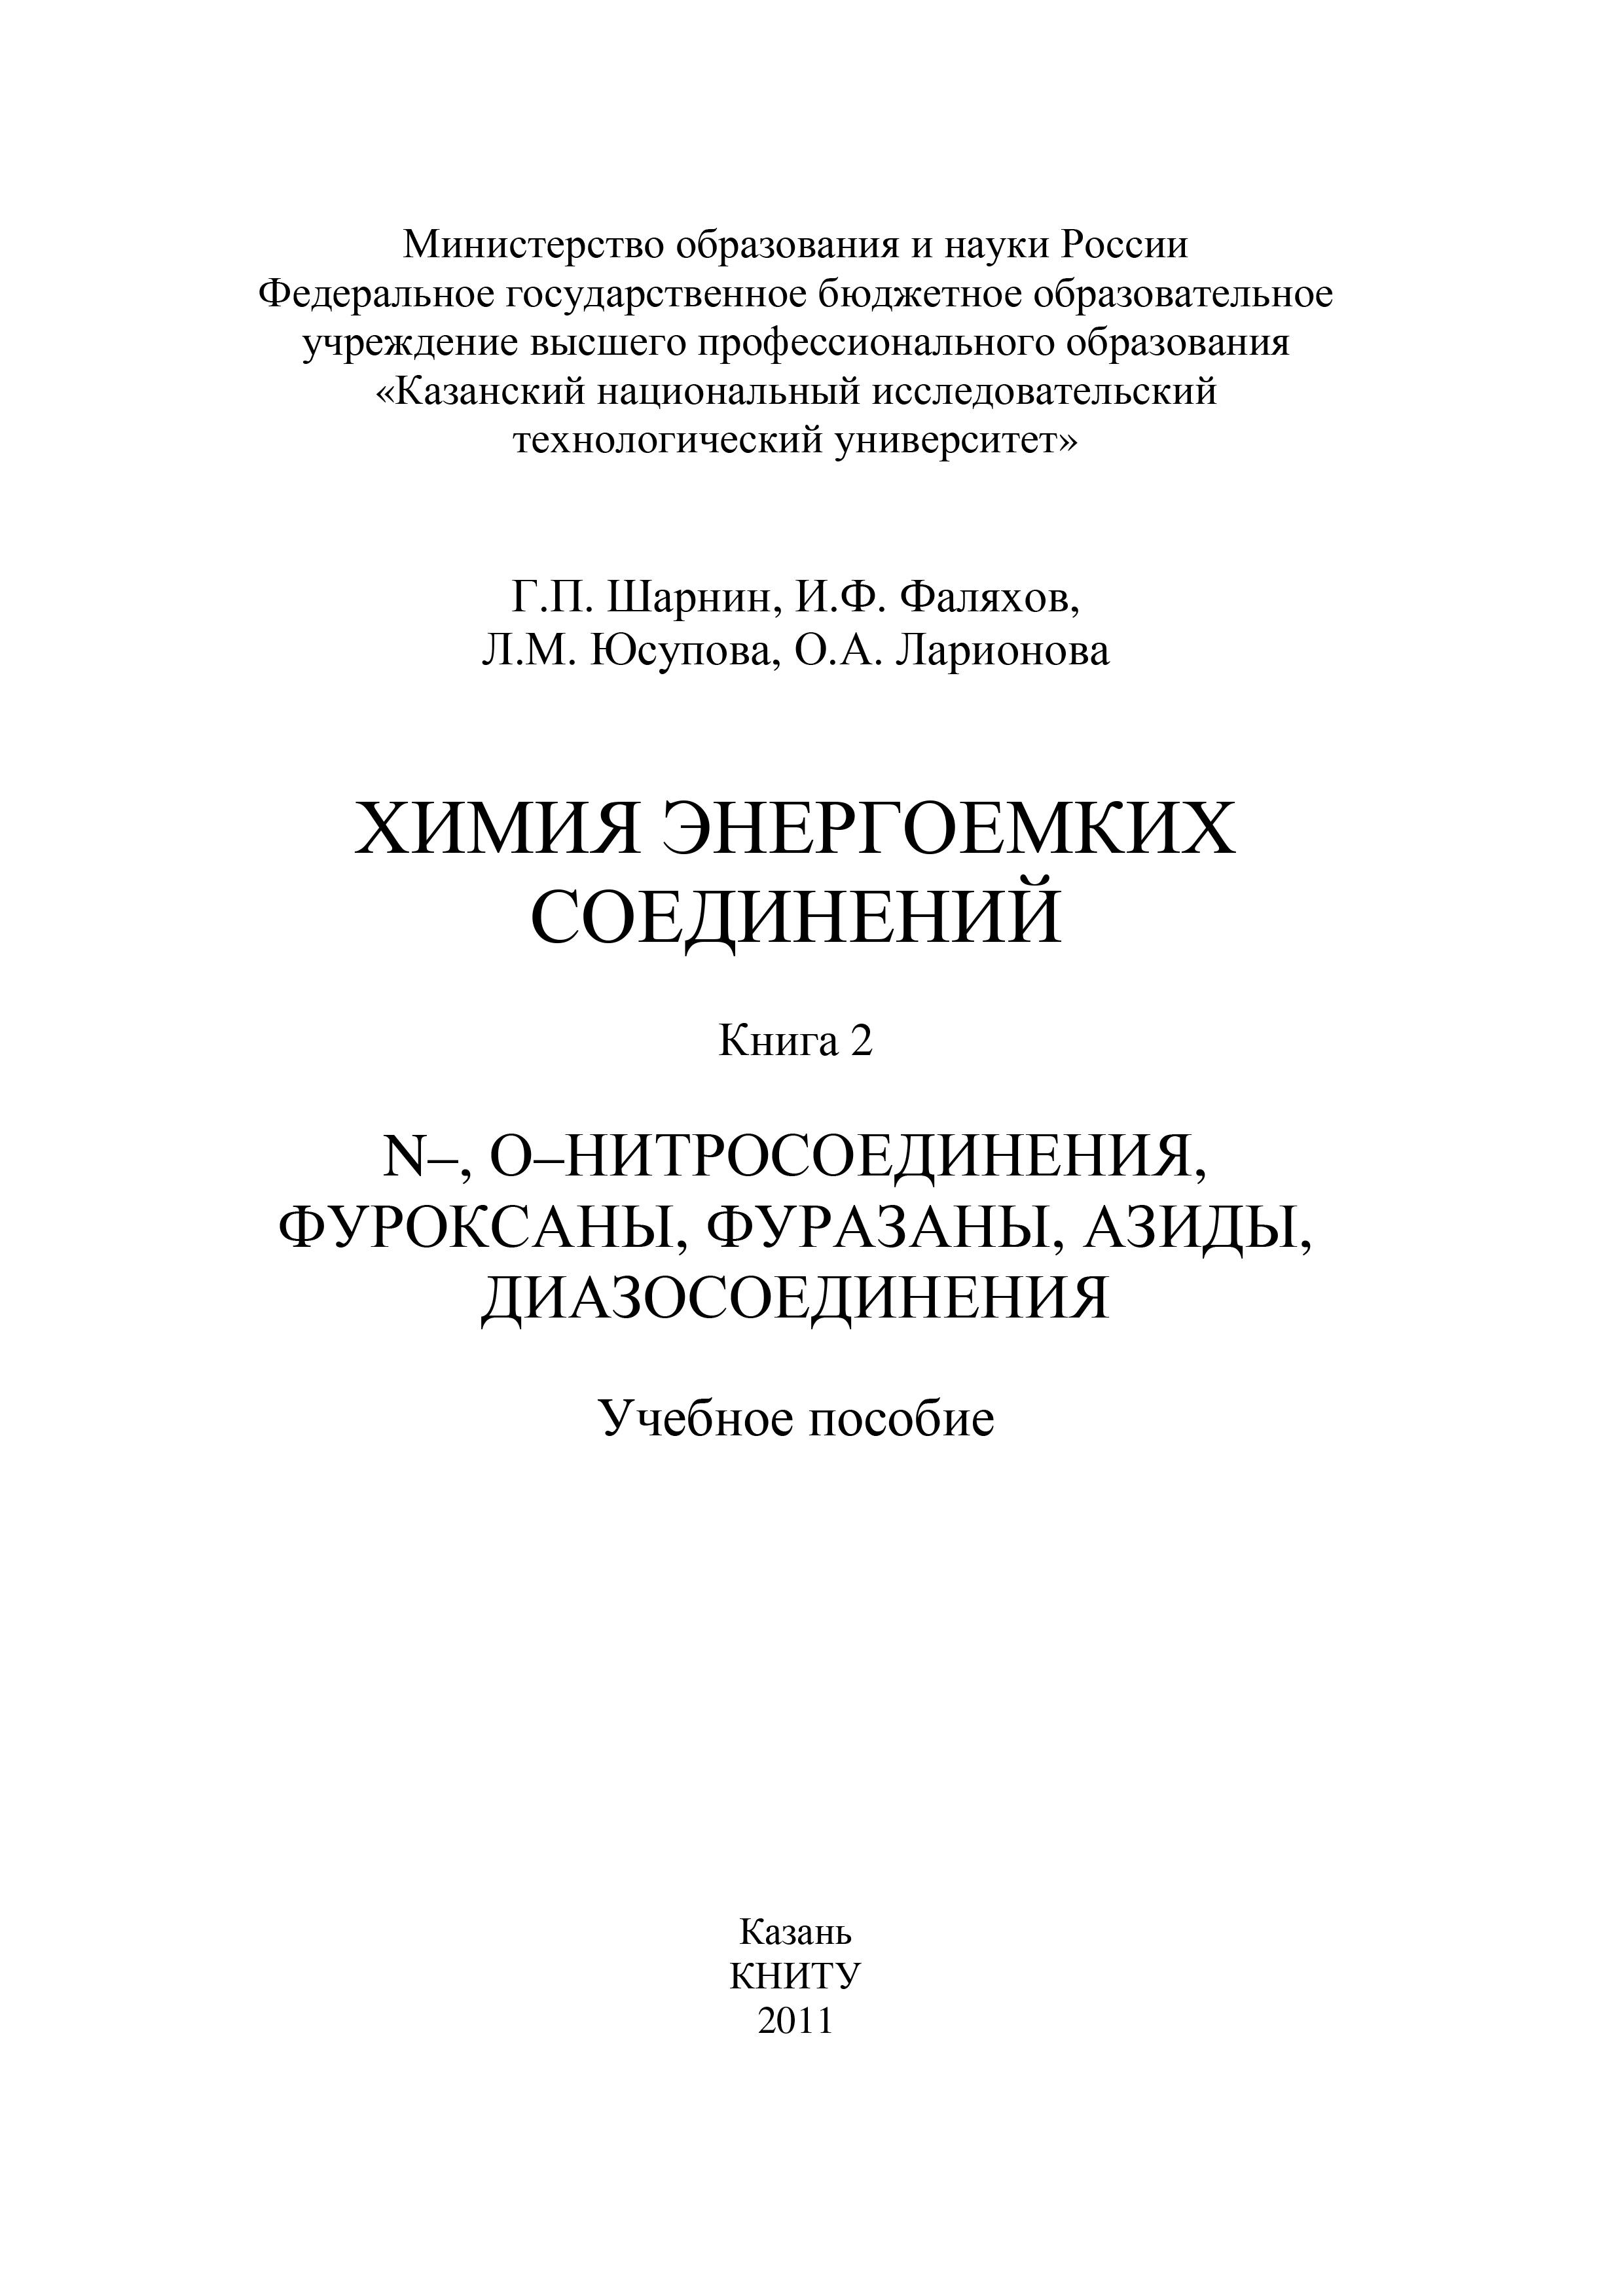 Химия энергоемких соединений. Книга 2. N-, О-нитросоединения, фуроксаны, фуразаны, азиды, диазосоединения